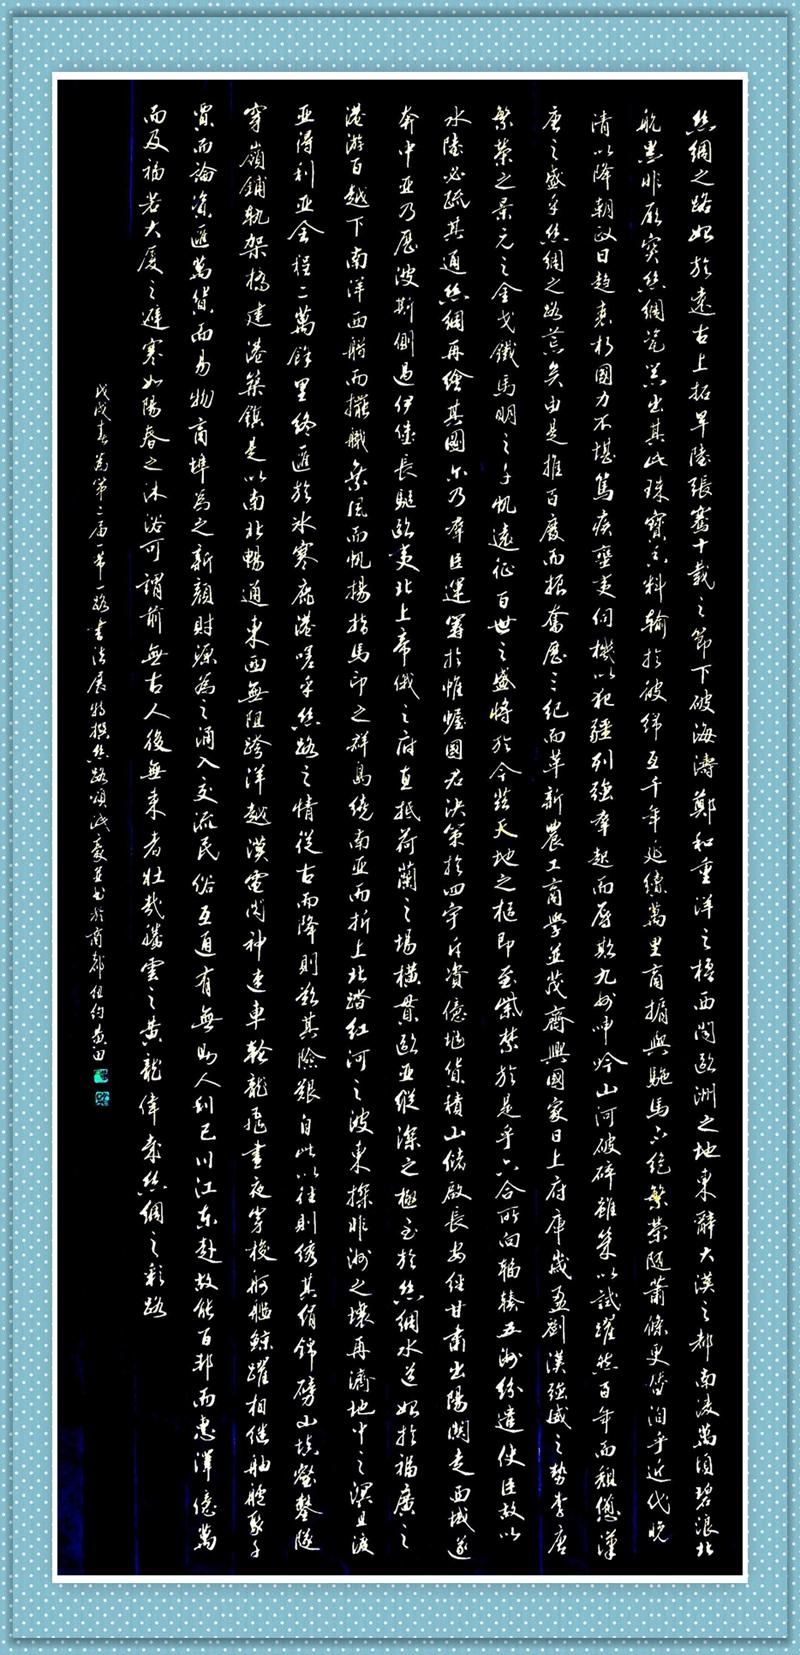 ◆【丝路颂(并书)】◎美国黄田 撰文